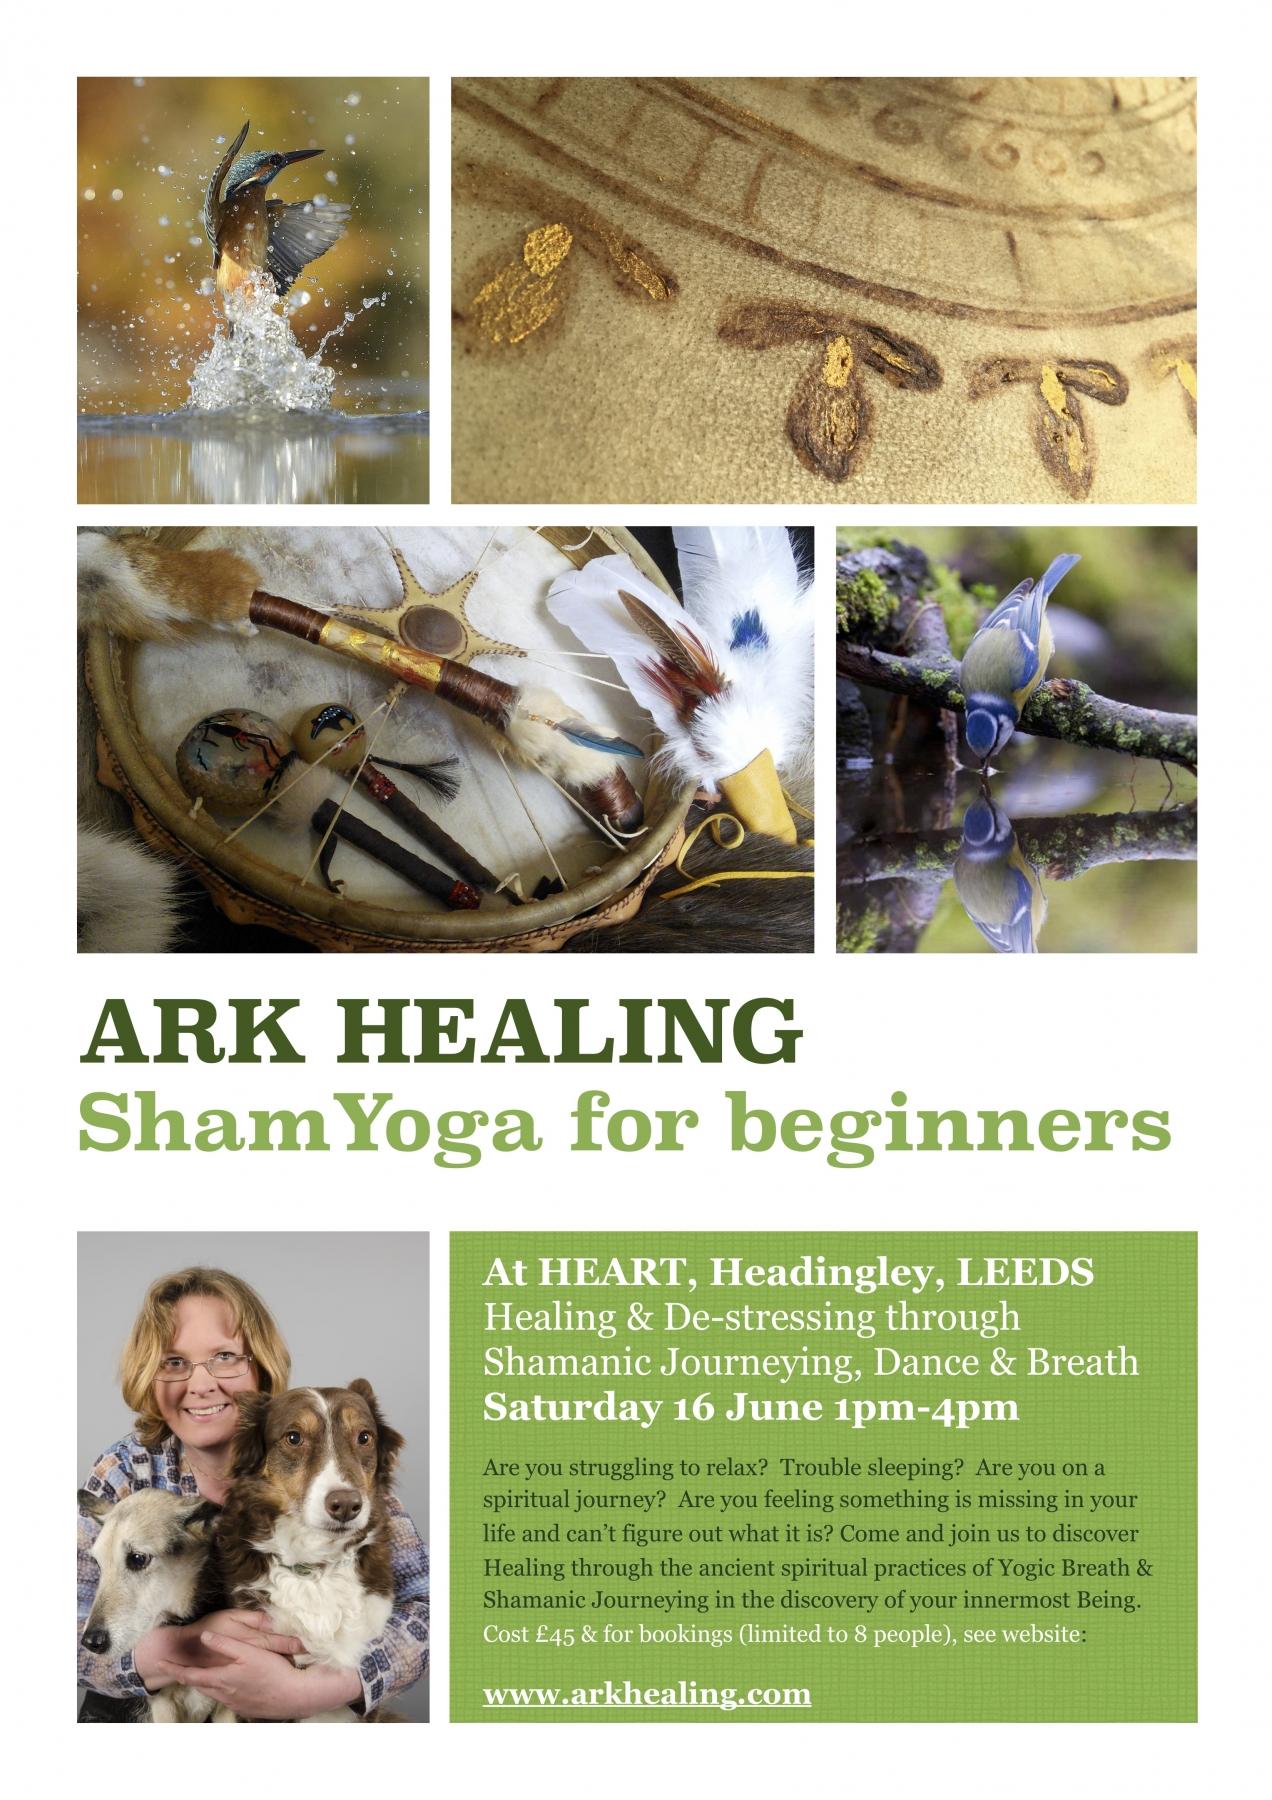 ARK HEALING - ShamYoga for Beginners - Heart Centre